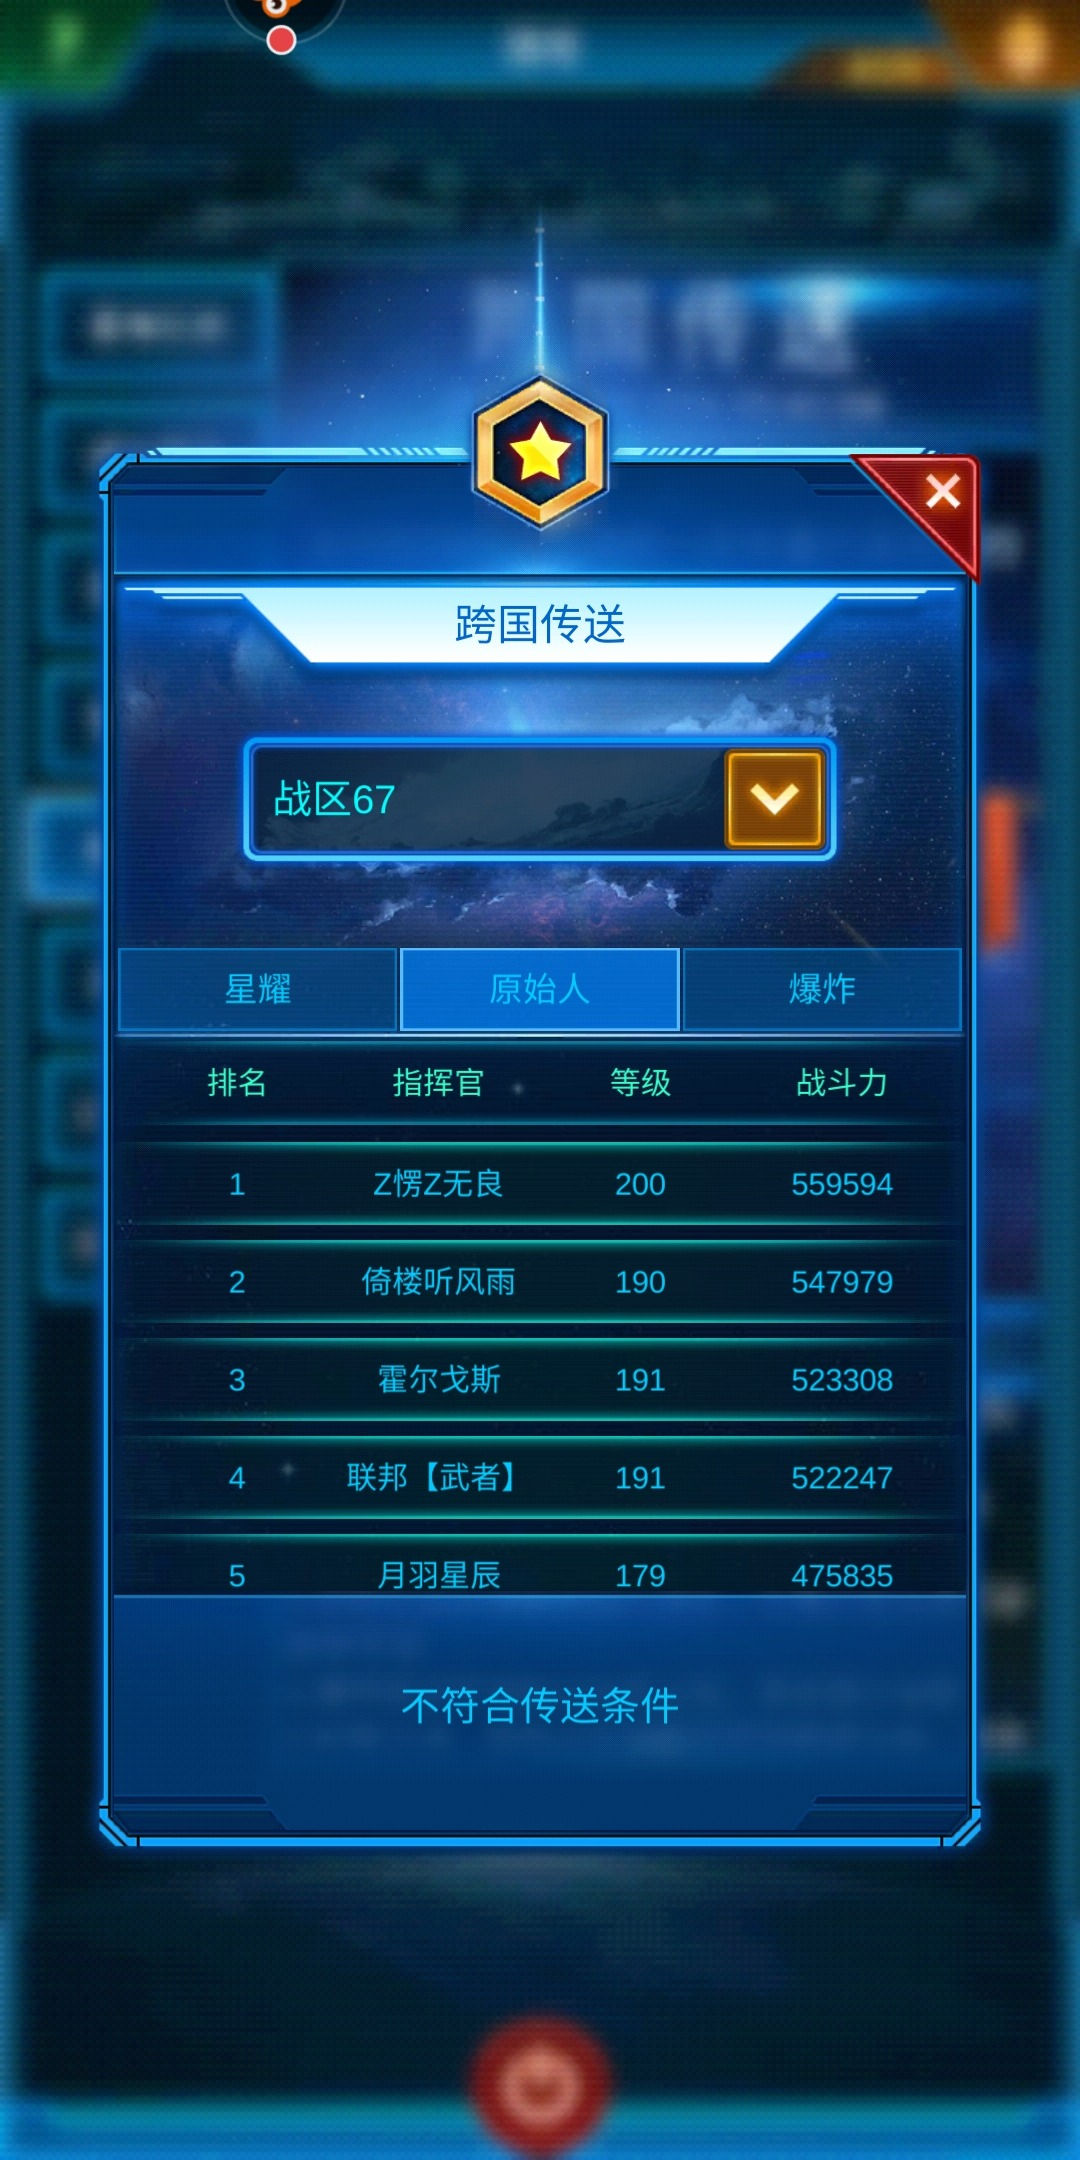 Screenshot_2020-02-17-13-19-41-915_com.jedigames.p16s.aligames.jpg